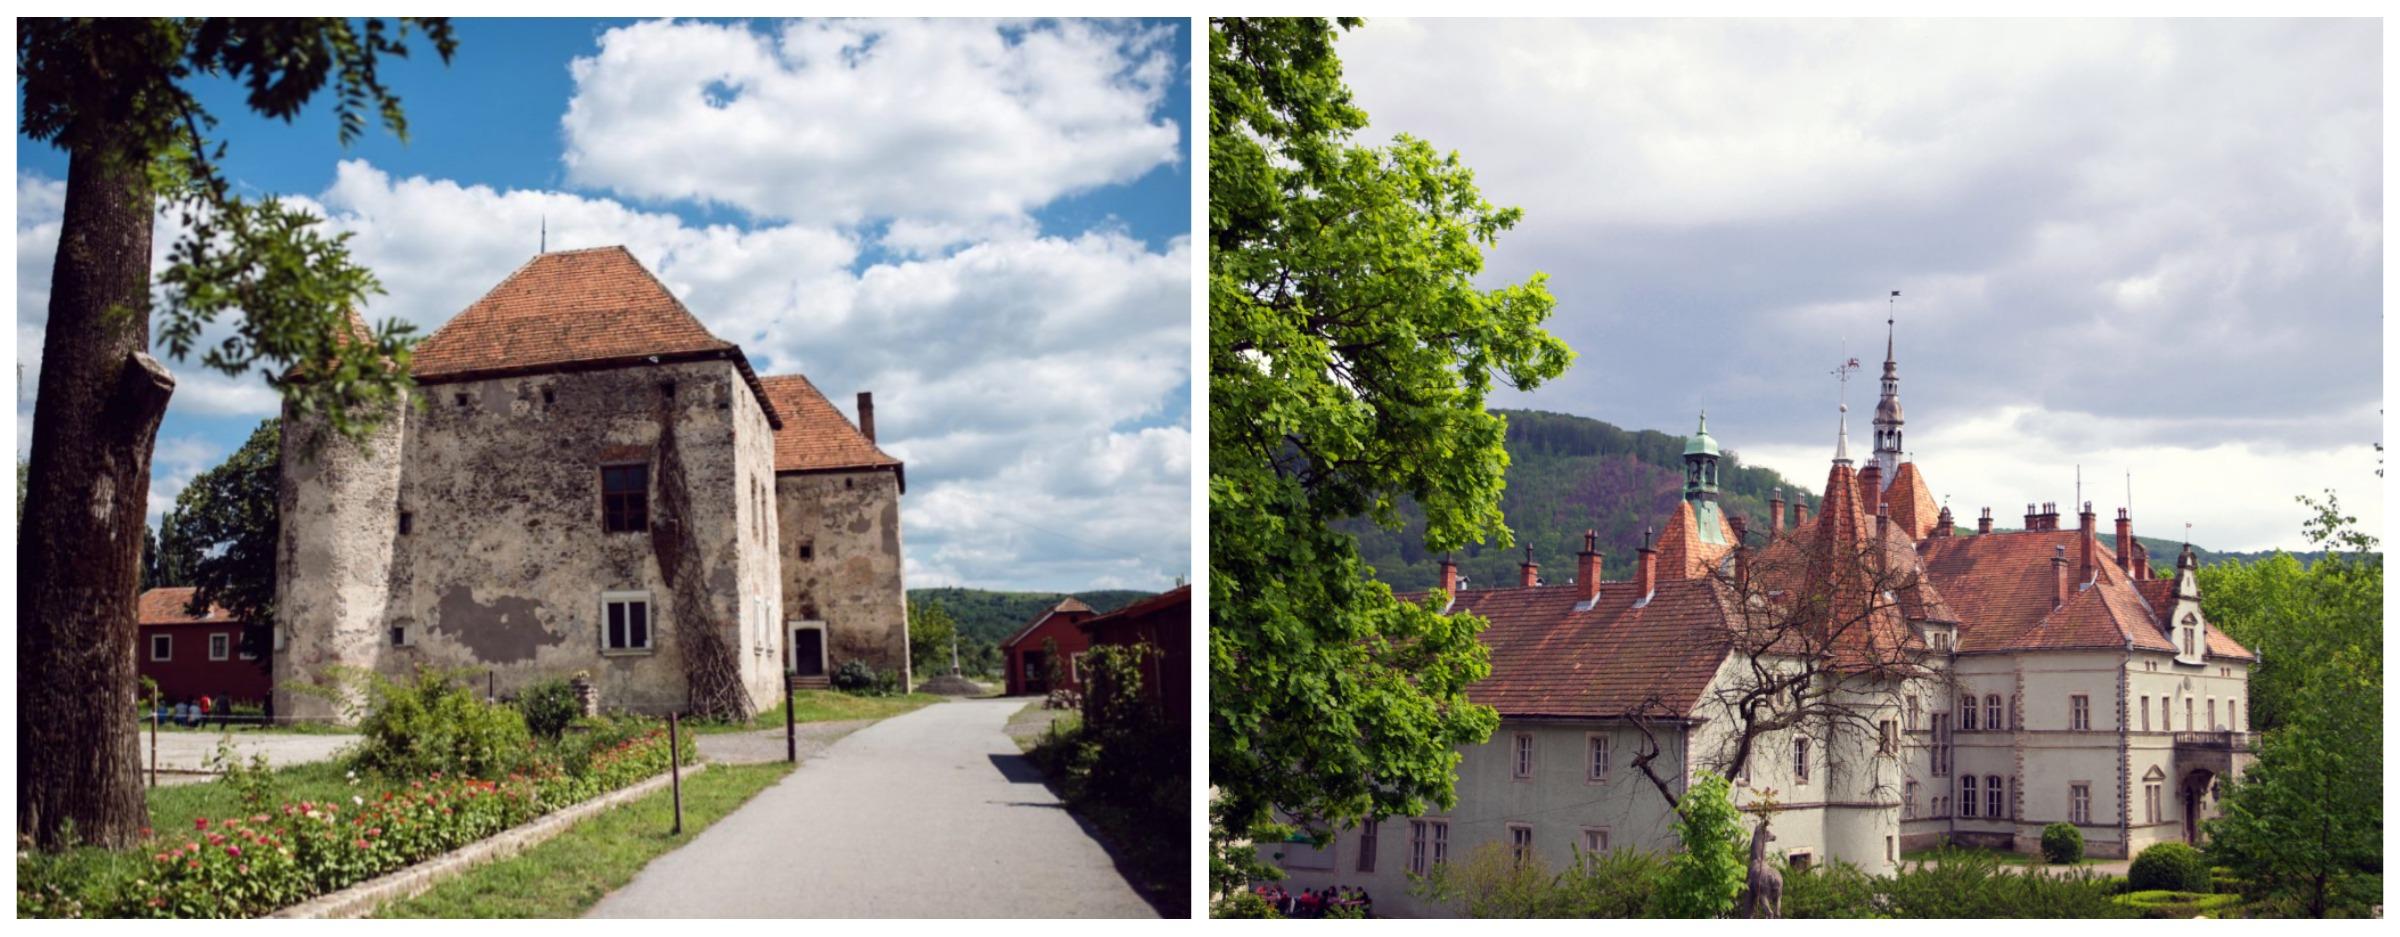 замок Сент-Міклош, замок графів Шенборнів